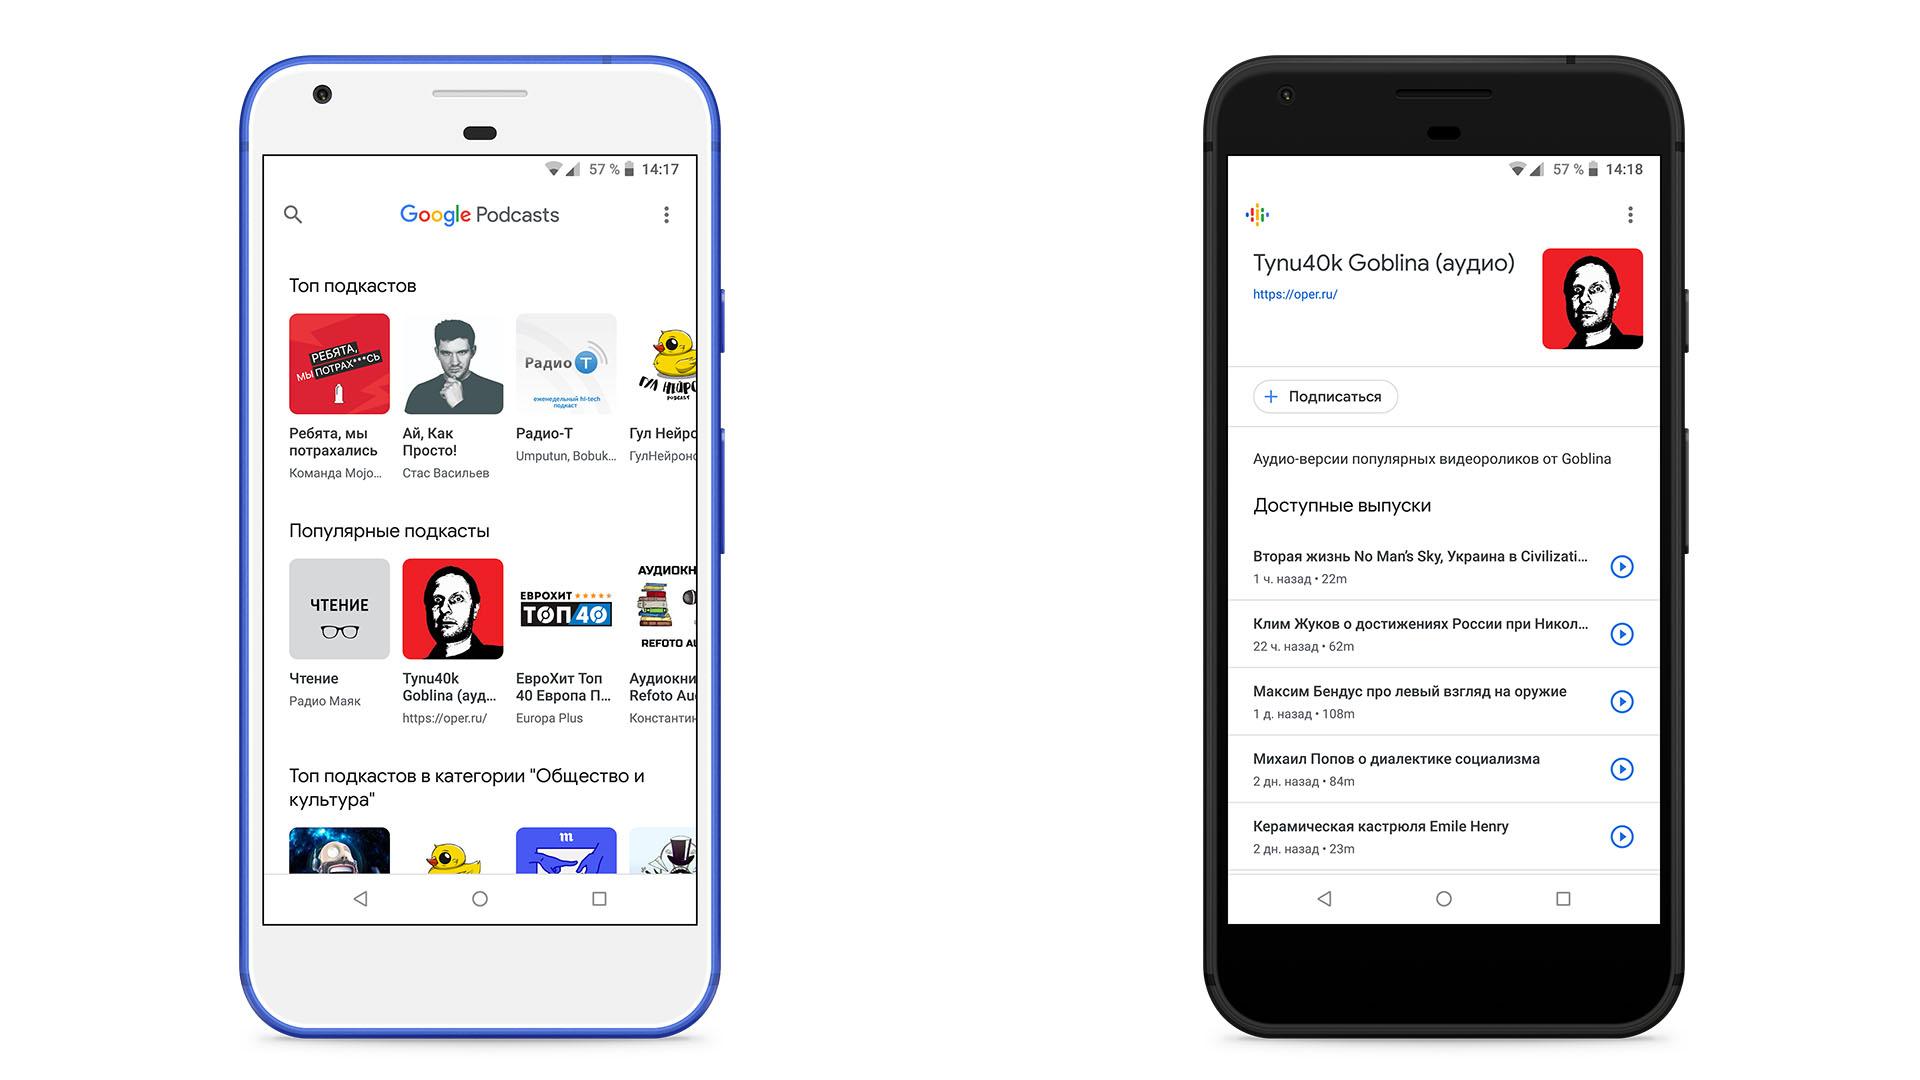 На иллюстрации изображено приложение Google Podcasts (Google Подкасты): главная страница с каталогом подкастов и страница с эпизодами подкаста «Тупичок Гоблина»